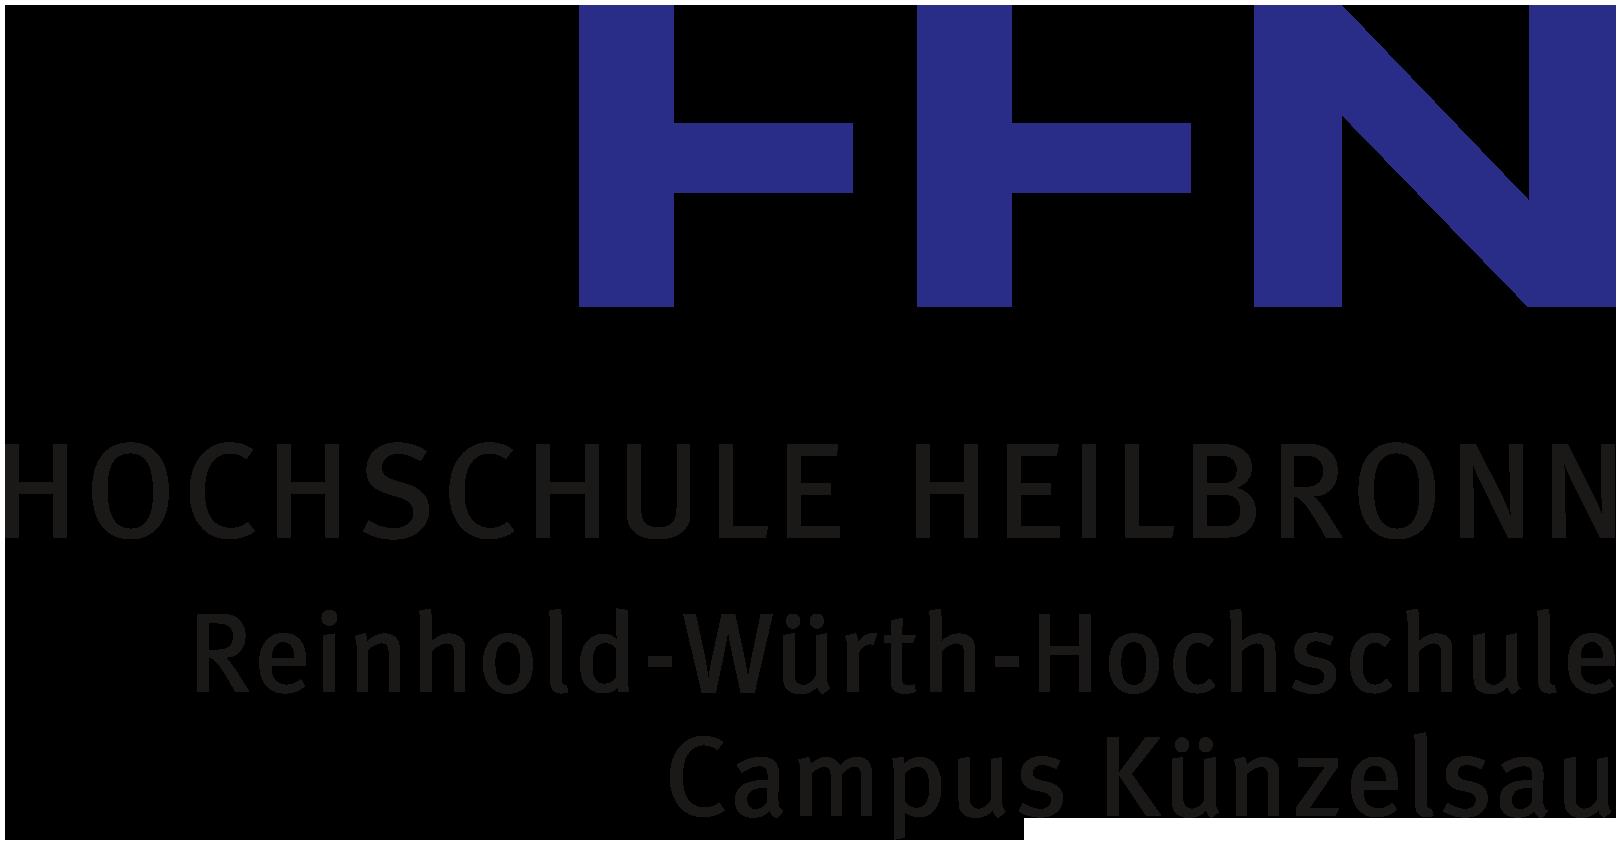 Hochschule Heilbronn - Campus Künzelsau - Reinhold-Würth-Hochschule